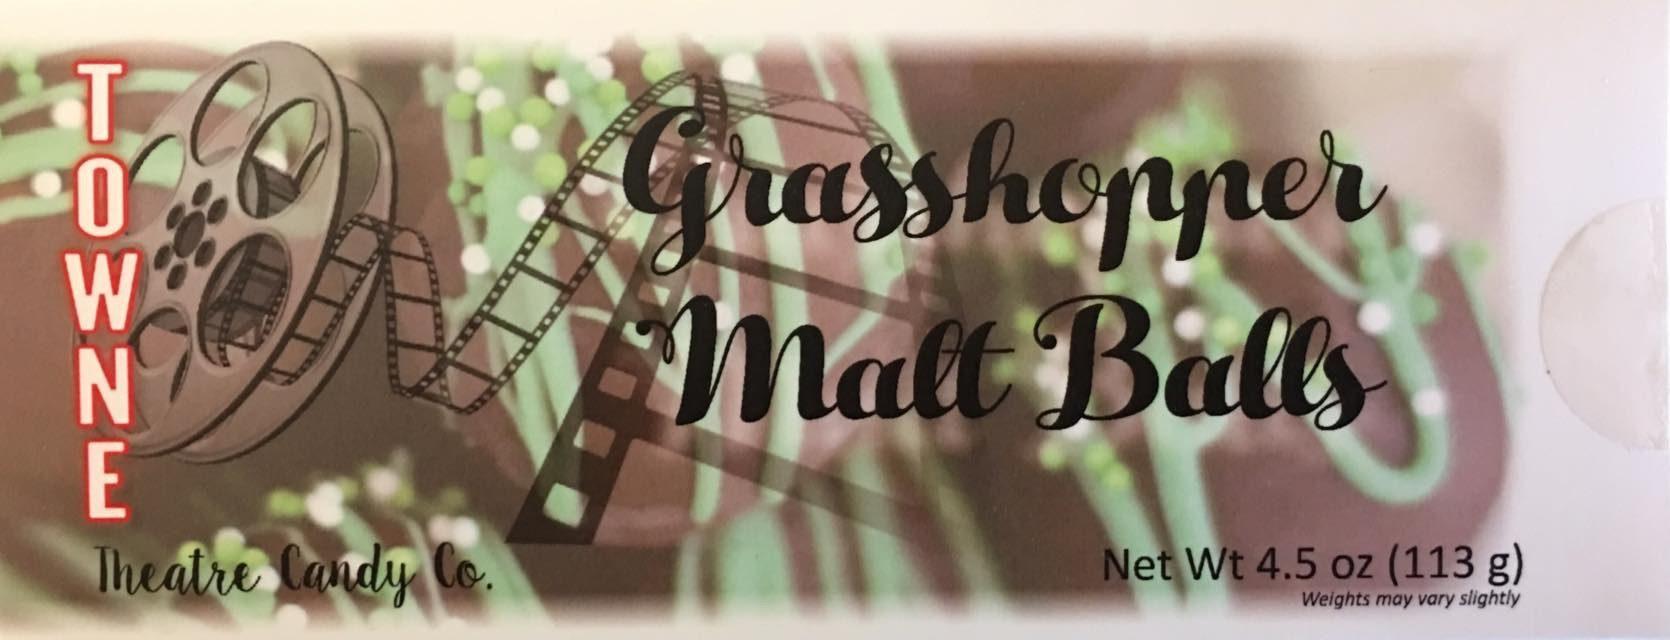 Grasshopper Malt Balls pkg